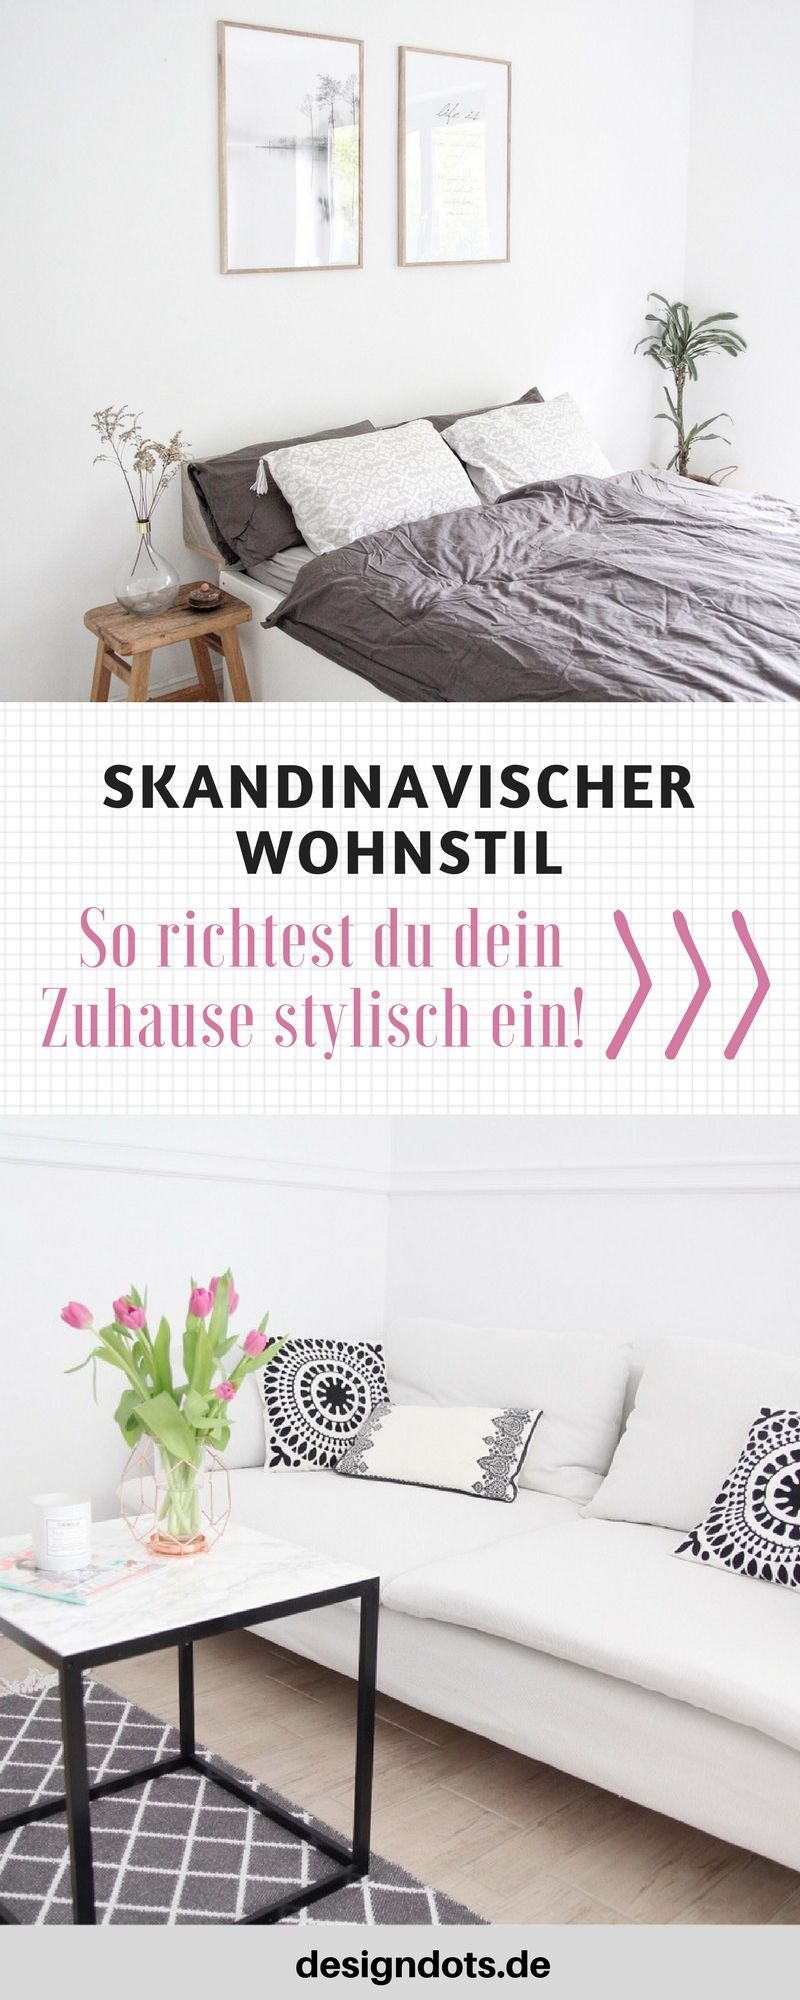 Wohnzimmer Ideen Skandinavisch, Skandinavisch, Skandinavisch Wohnen,  Skandinavisch Wohnen Deko, Skandinavisch Wohnen Wohnzimmer